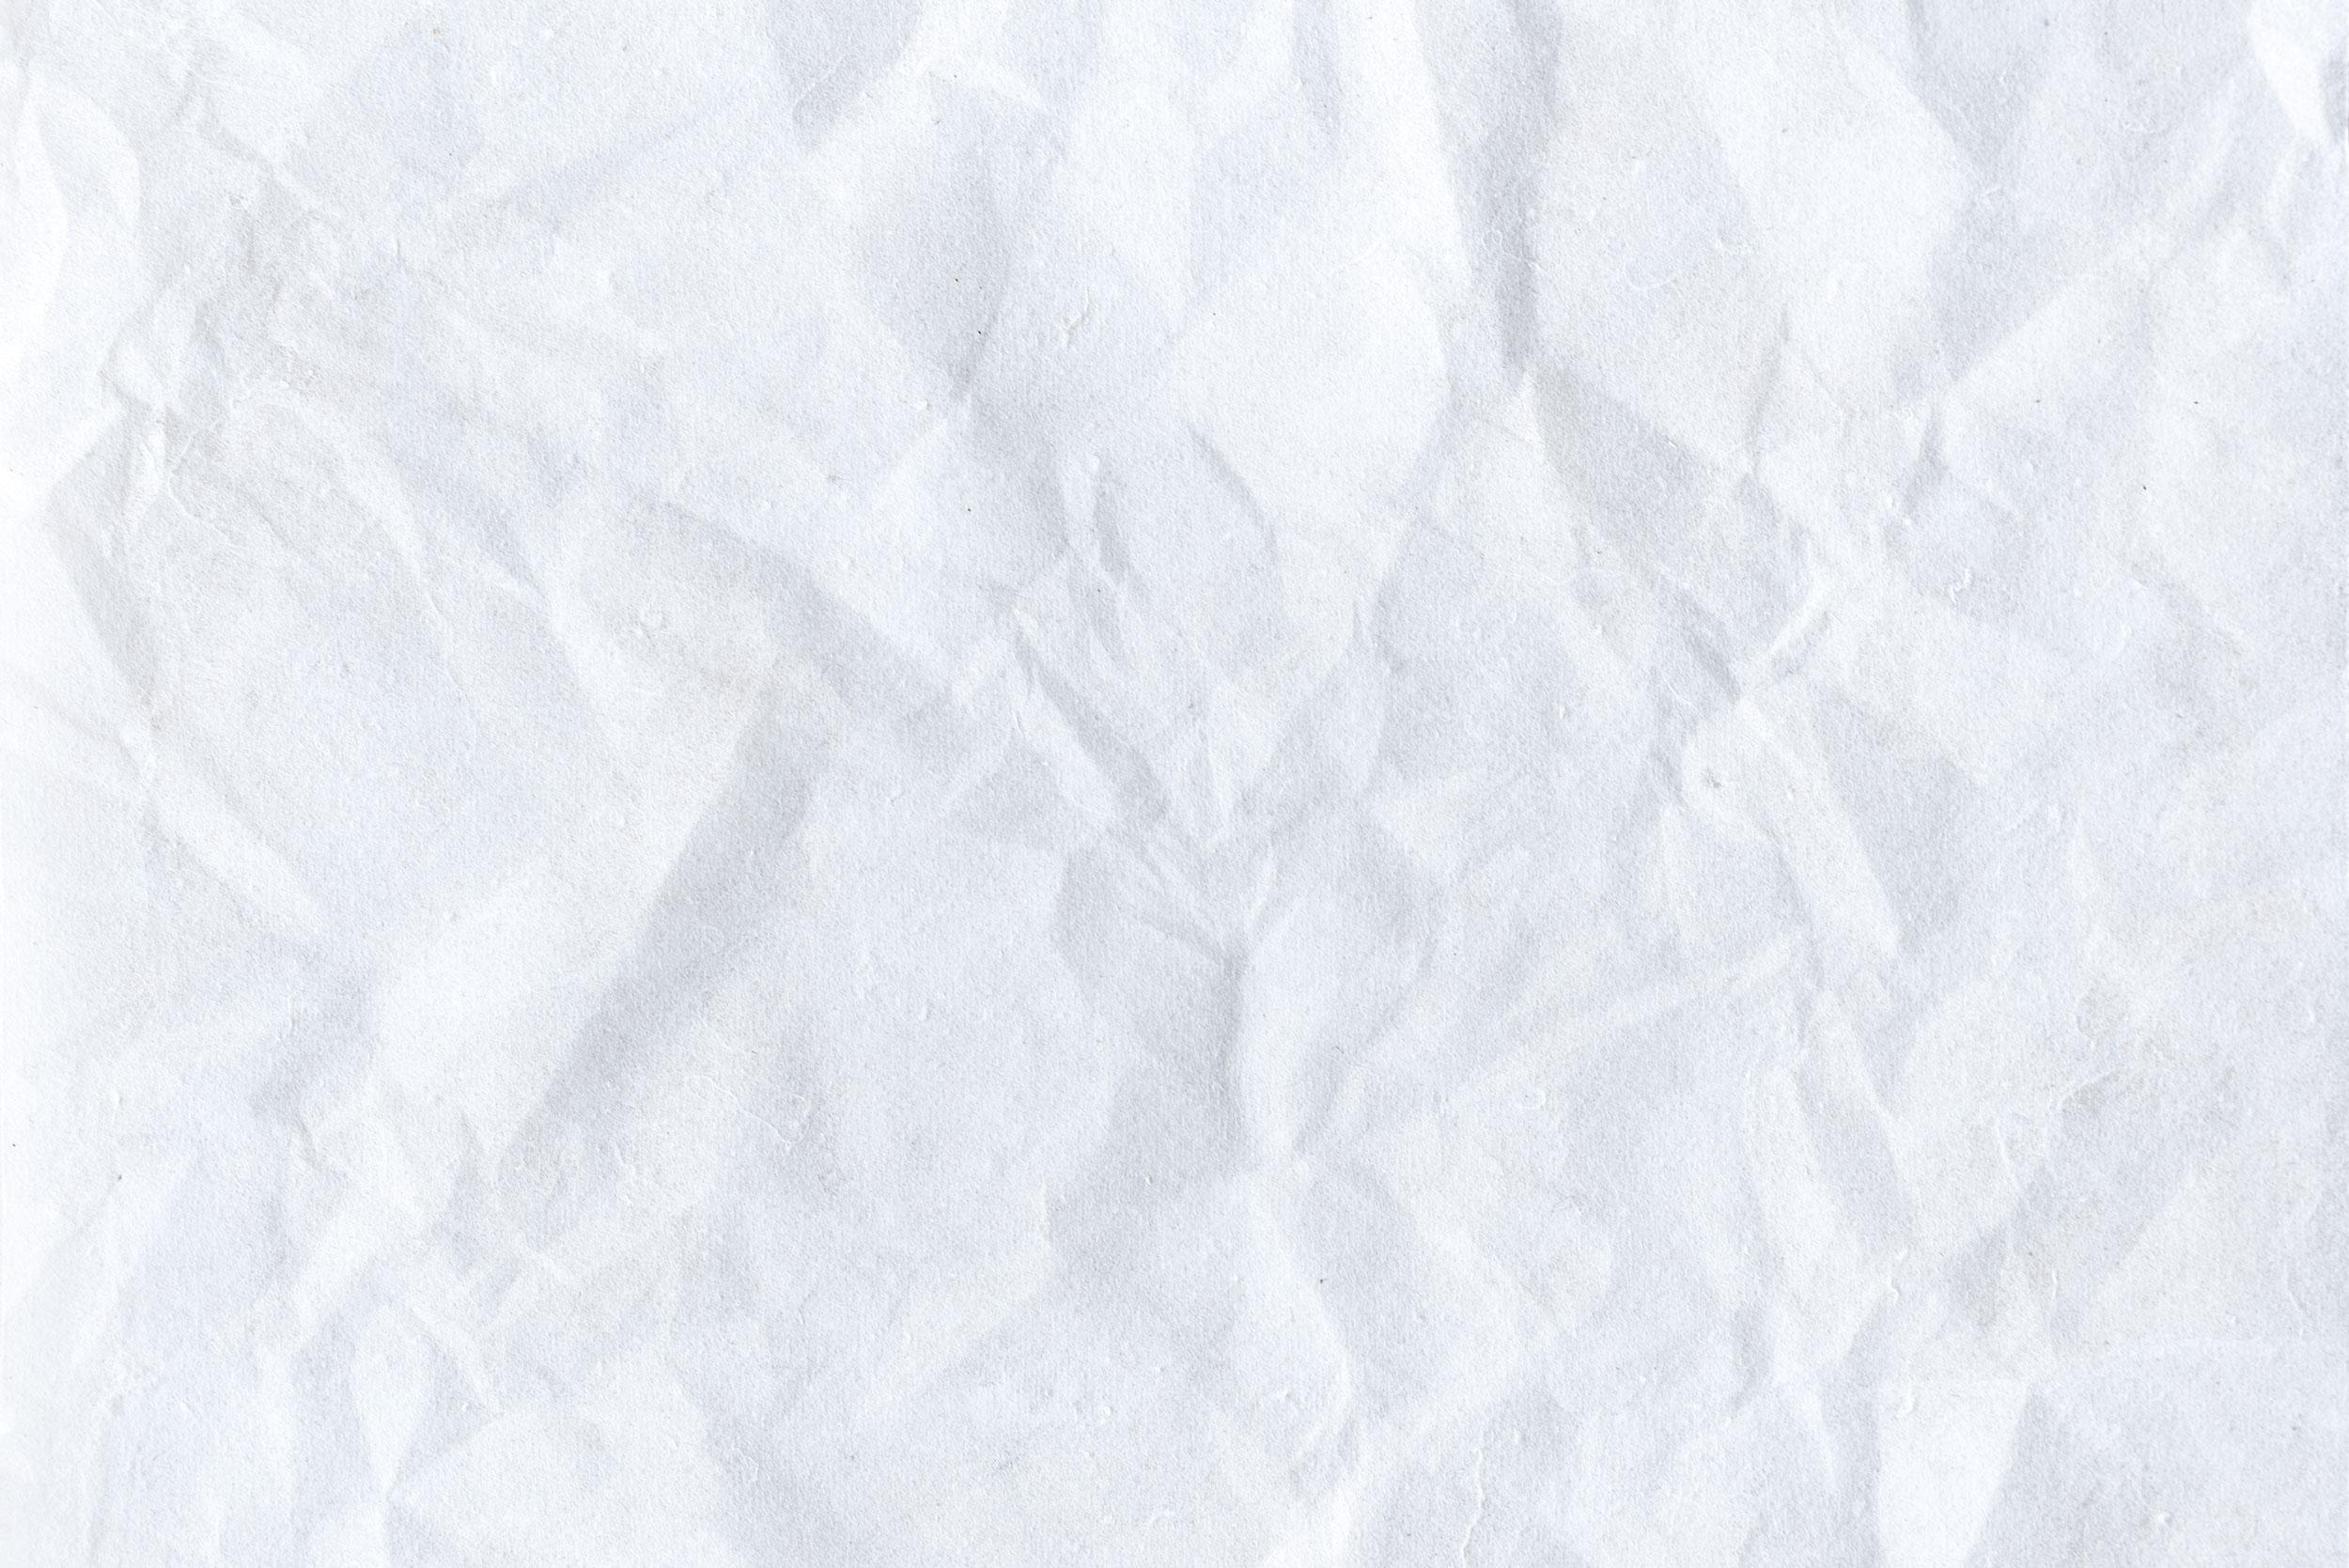 Фотография белая текстура мятой бумаги для фотошопа